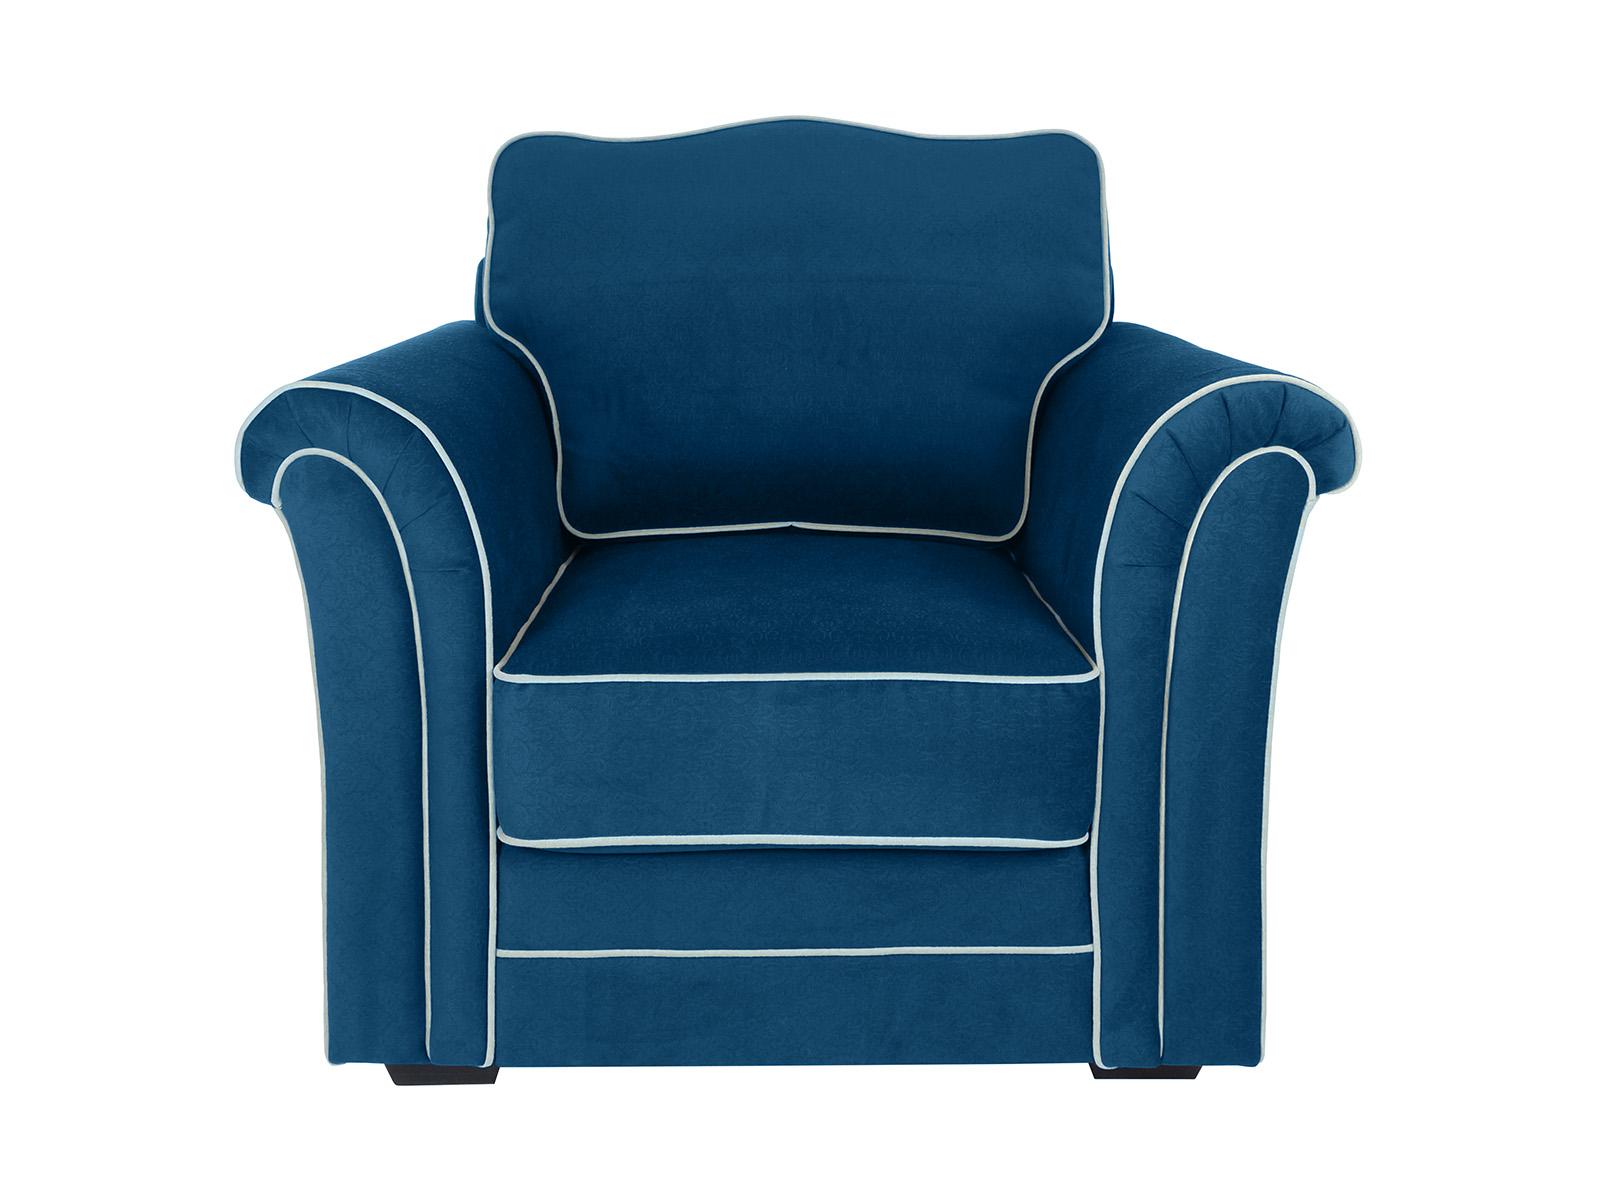 Кресло SydИнтерьерные кресла<br>&amp;lt;div&amp;gt;Материалы:&amp;lt;/div&amp;gt;&amp;lt;div&amp;gt;&amp;lt;div&amp;gt;Каркас: деревянный брус, фанера&amp;lt;/div&amp;gt;&amp;lt;div&amp;gt;Сиденье: пружинный блок, пенополиуретан, холлофайбер&amp;lt;/div&amp;gt;&amp;lt;div&amp;gt;Лицевой чехол: несъёмный&amp;lt;/div&amp;gt;&amp;lt;/div&amp;gt;&amp;lt;div&amp;gt;&amp;lt;br&amp;gt;&amp;lt;/div&amp;gt;&amp;lt;div&amp;gt;&amp;lt;div&amp;gt;Глубина сиденья: 57 cм&amp;lt;/div&amp;gt;&amp;lt;div&amp;gt;Высота сиденья: 48 cм&amp;lt;/div&amp;gt;&amp;lt;/div&amp;gt;&amp;lt;div&amp;gt;Ширина сиденья: 54 cм&amp;lt;/div&amp;gt;<br><br>Material: Текстиль